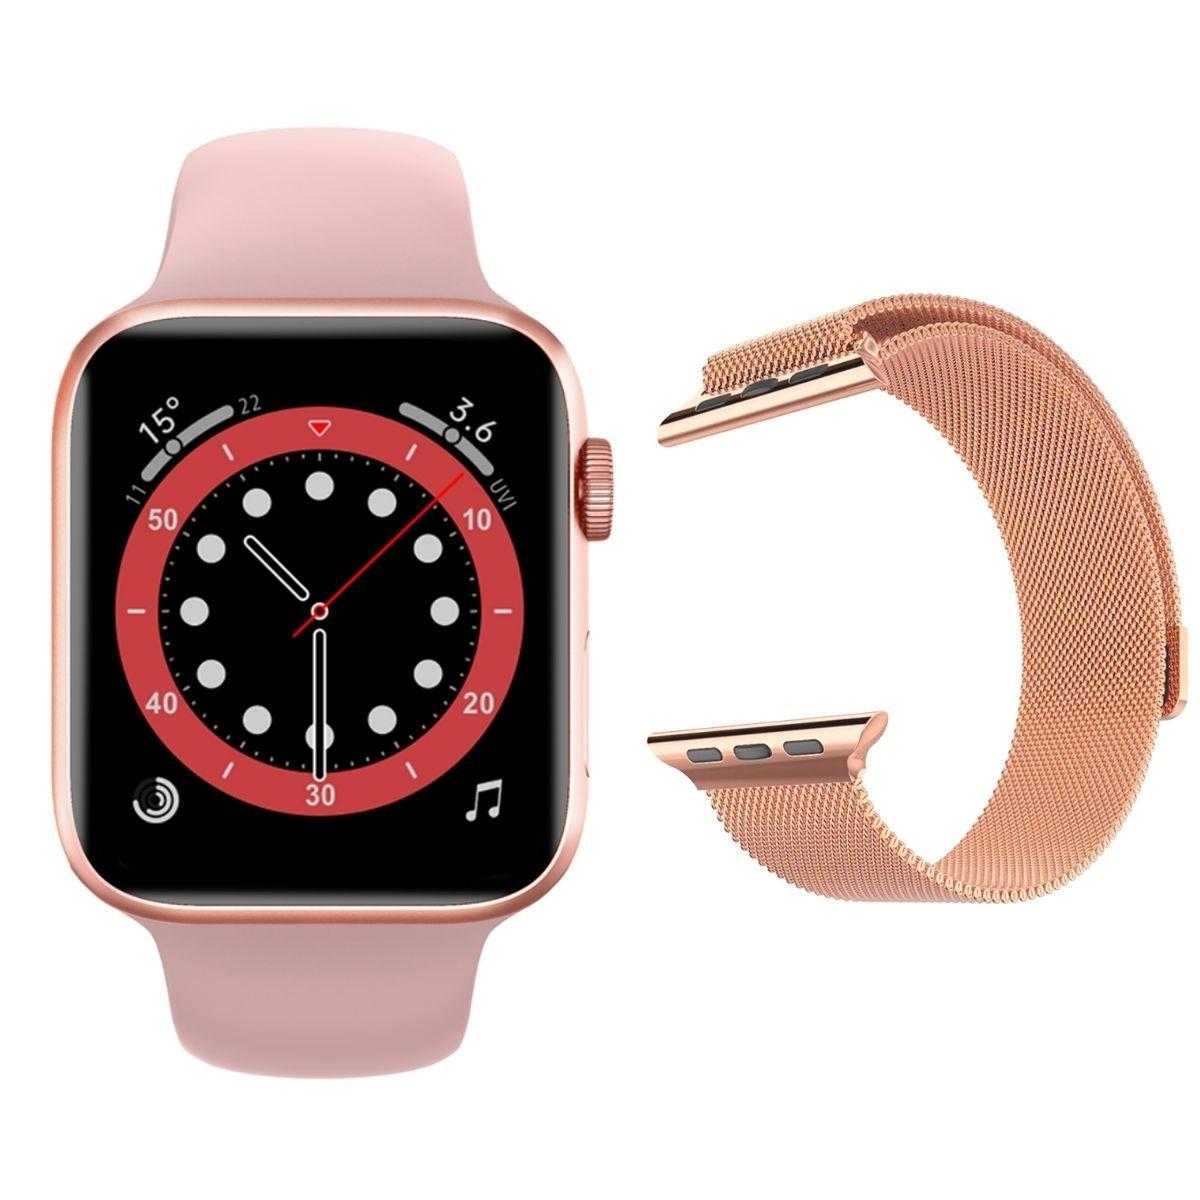 Смарт часы и браслеты Часы Smart Watch IWO 13 Lite (розовые) с Миланским браслетом Milanese_loop_IWO13L.jpg